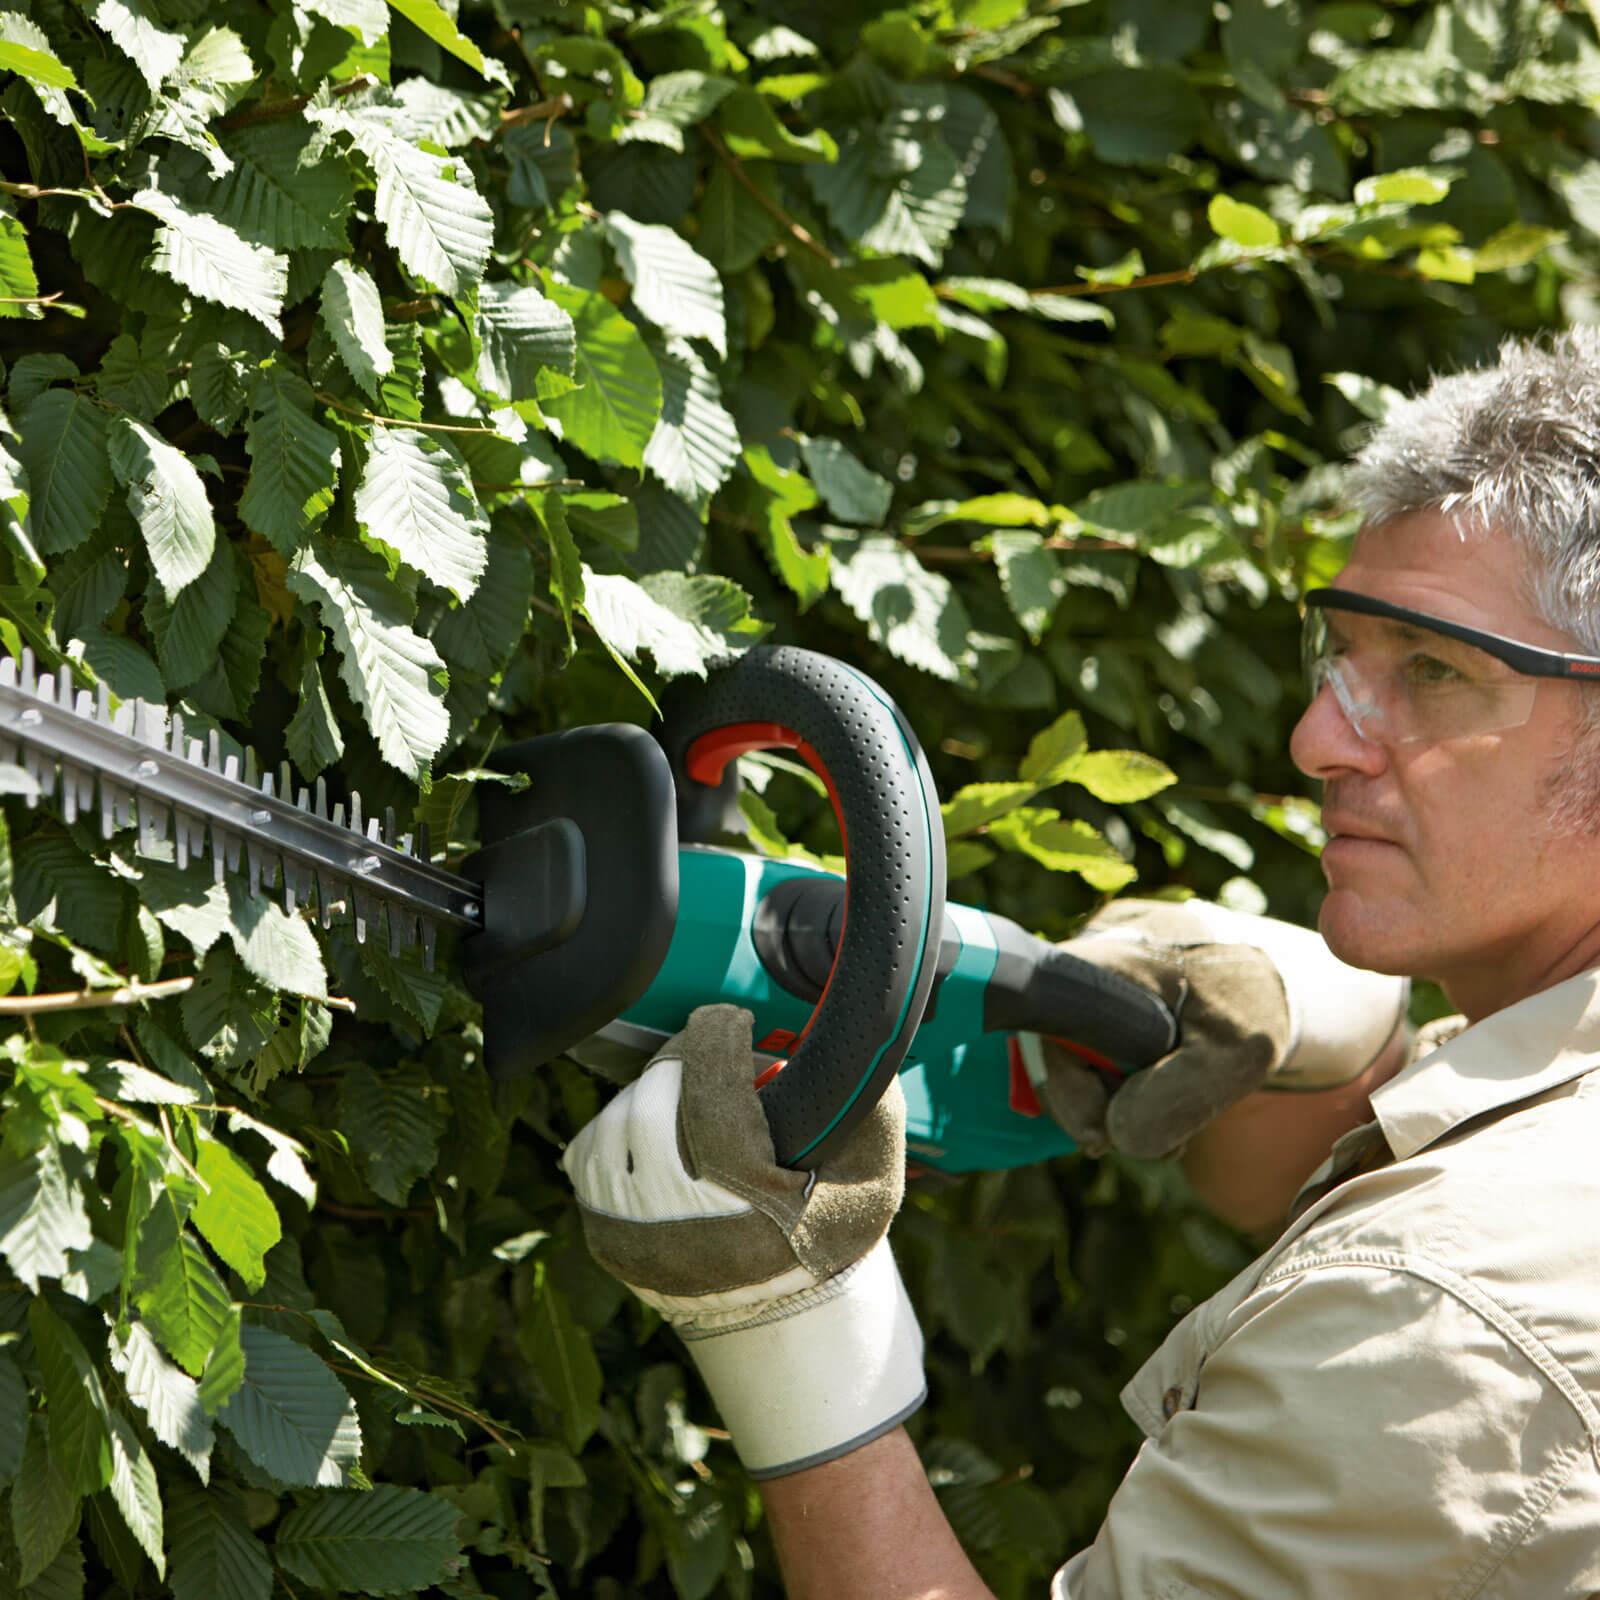 bosch ahs 54 20 li 36v cordless hedge trimmer with 540mm. Black Bedroom Furniture Sets. Home Design Ideas